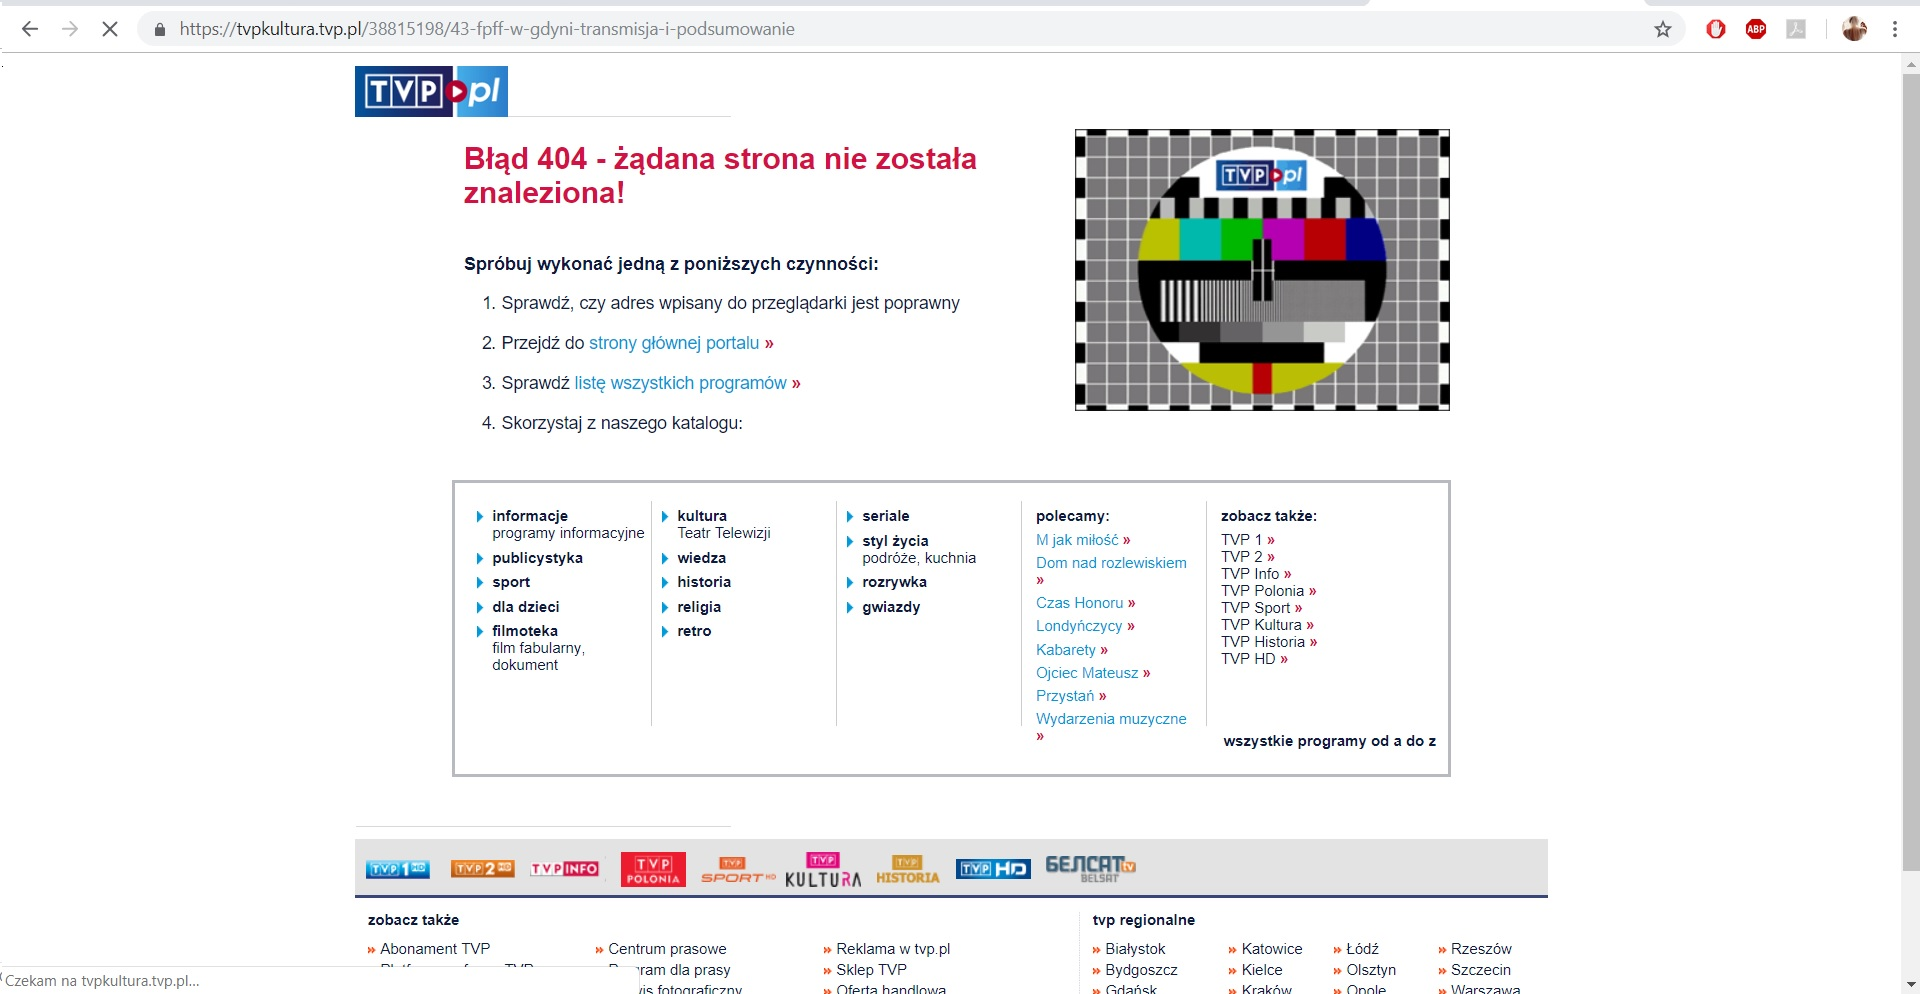 TVP Kultura - transmisja z gali 43. FPFF